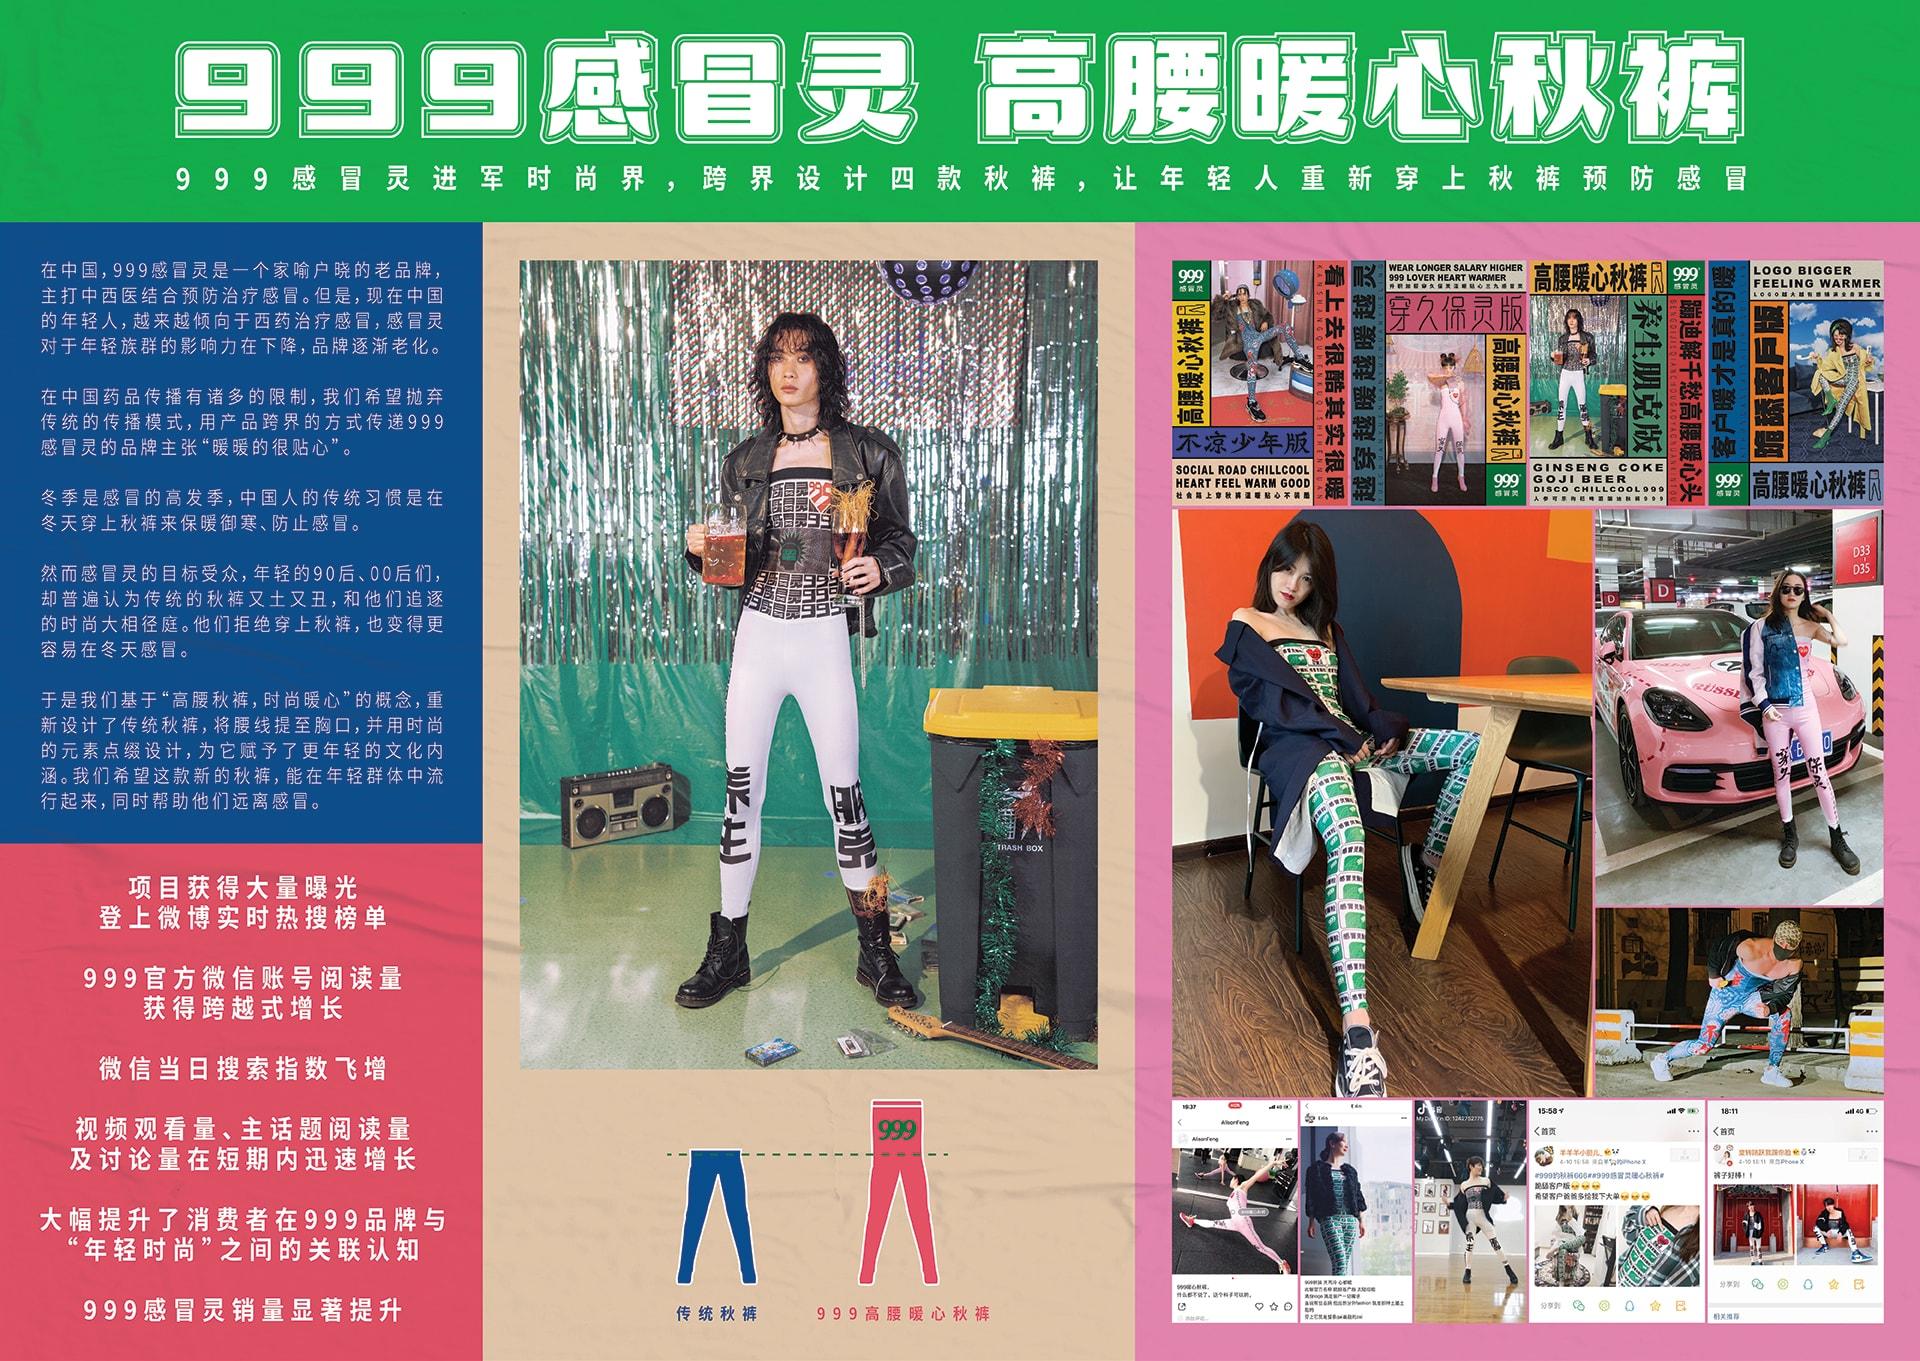 2019_cn_2019_e192-cd-160246176_hero_1